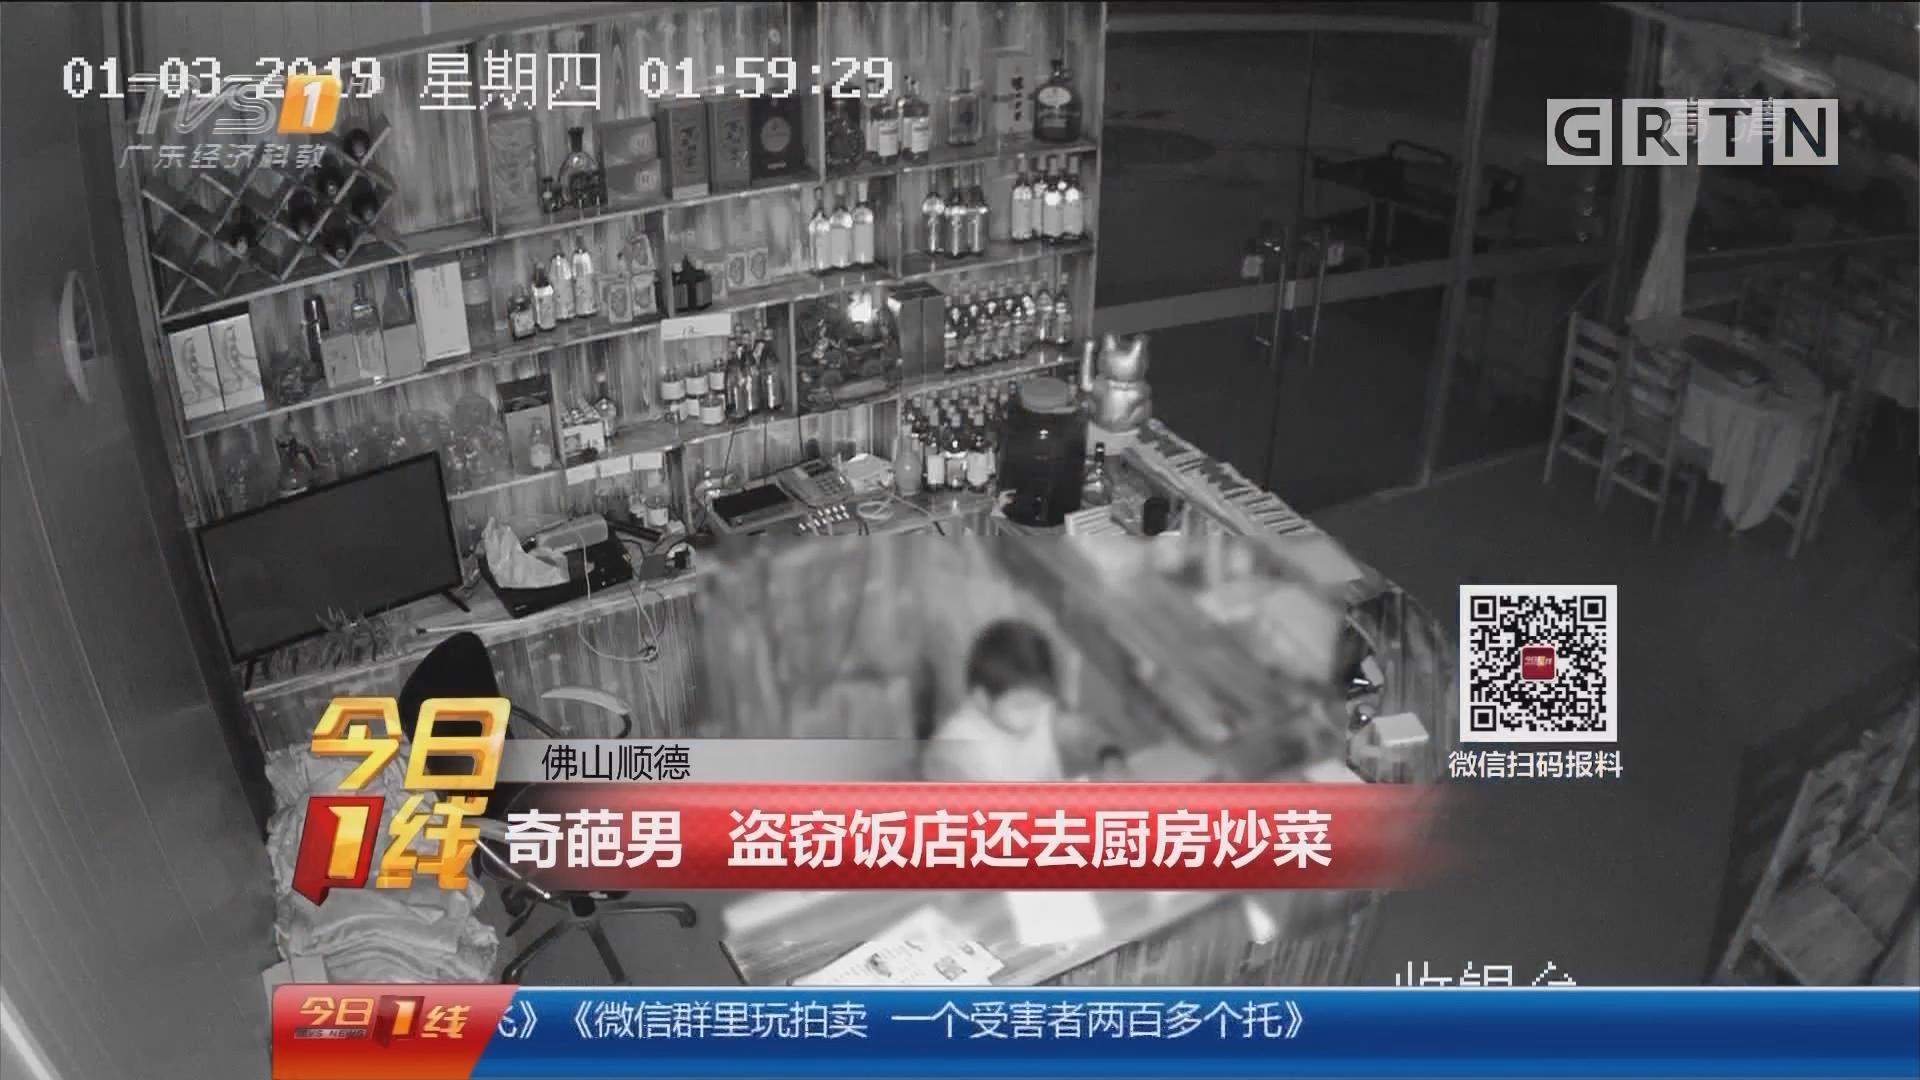 佛山顺德:奇葩男 盗窃饭店还去厨房炒菜